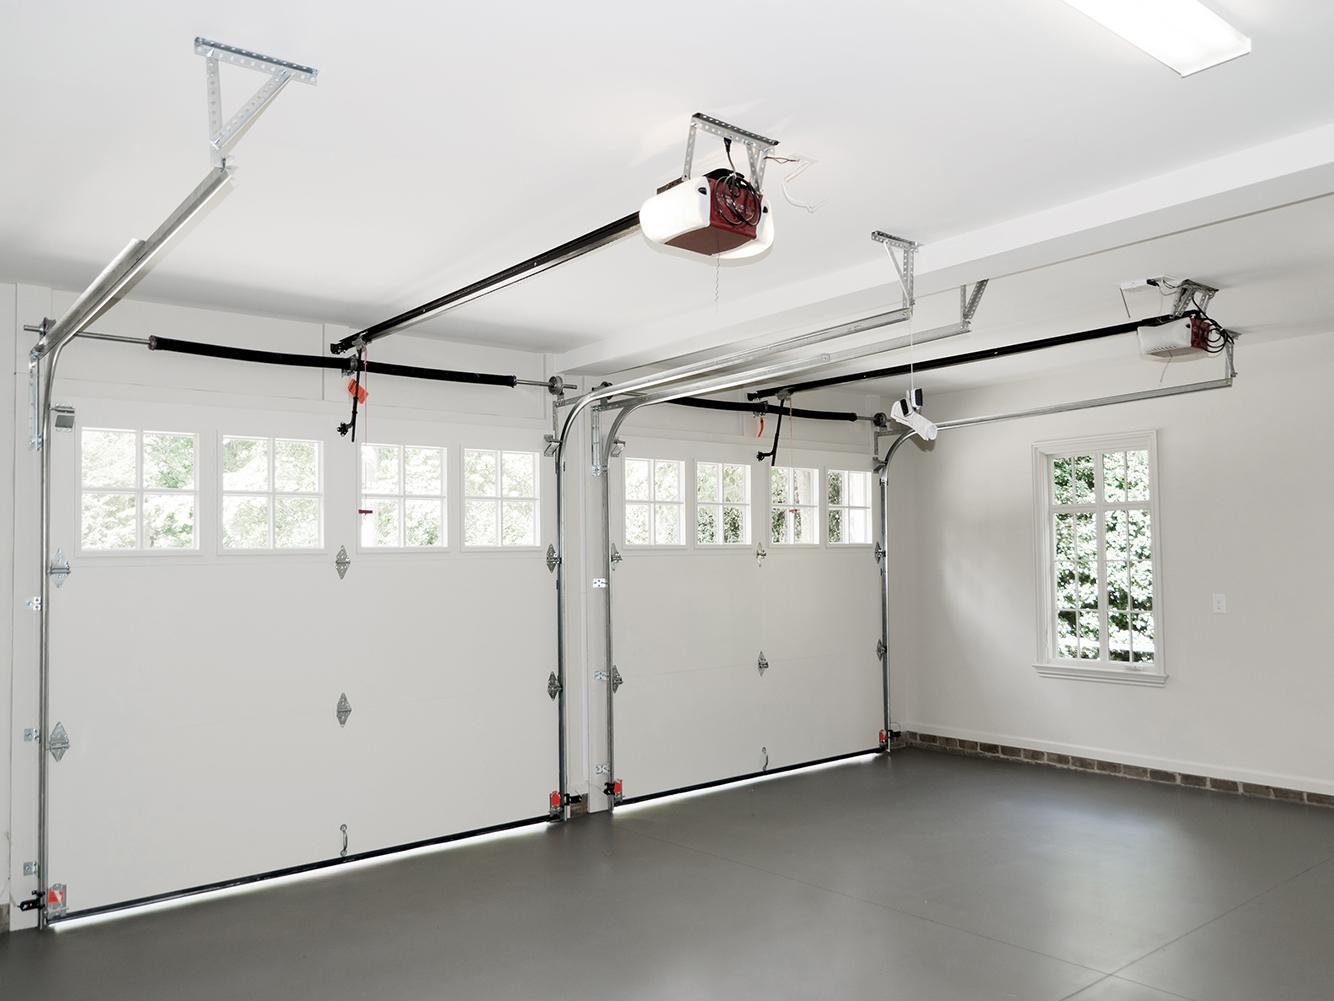 For Installing An Electric Garage Door Opener For Residential Doors